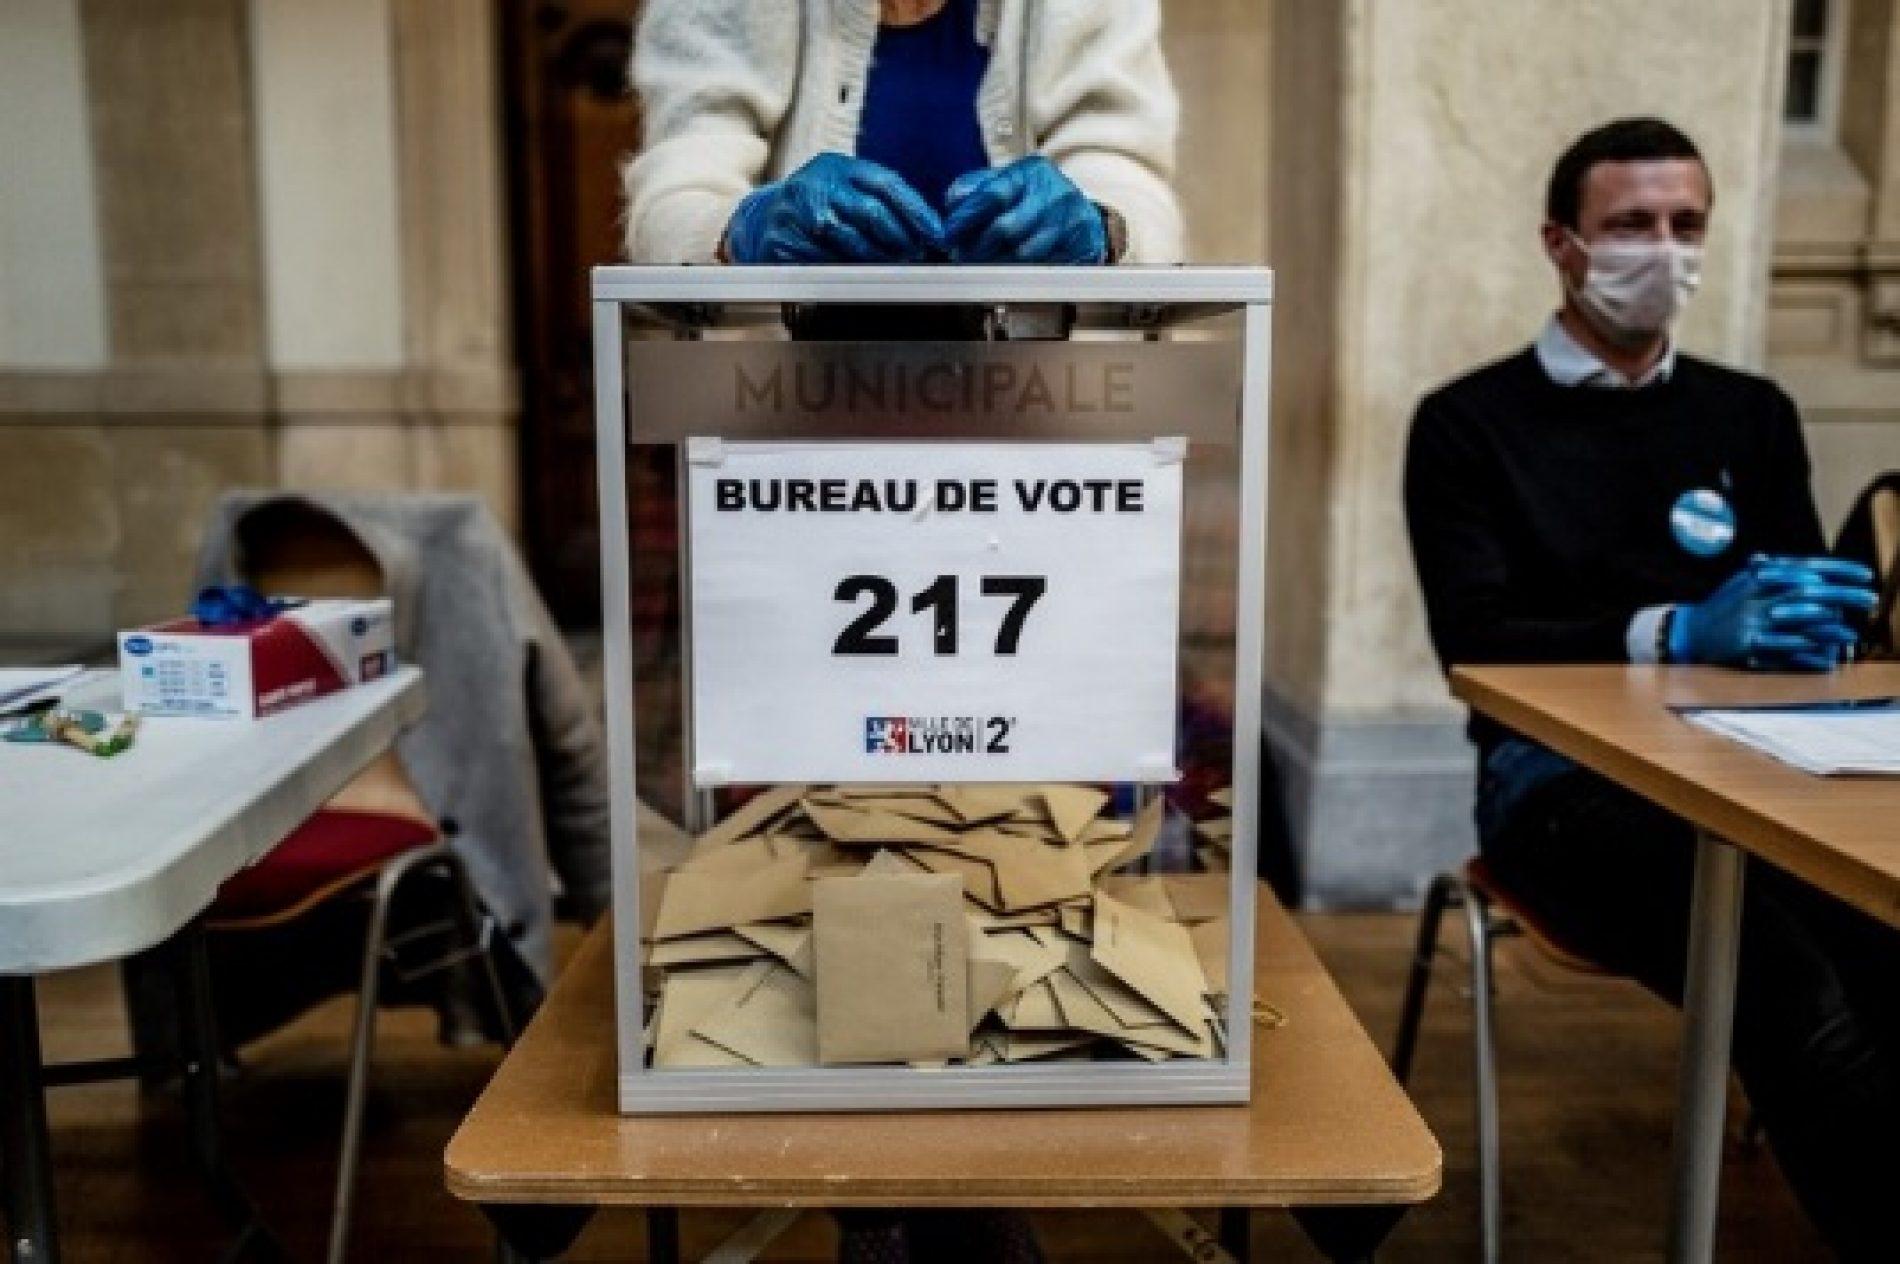 Municipales 2020: Près de 5.000 communes appelées à voter au 2ème tour en France